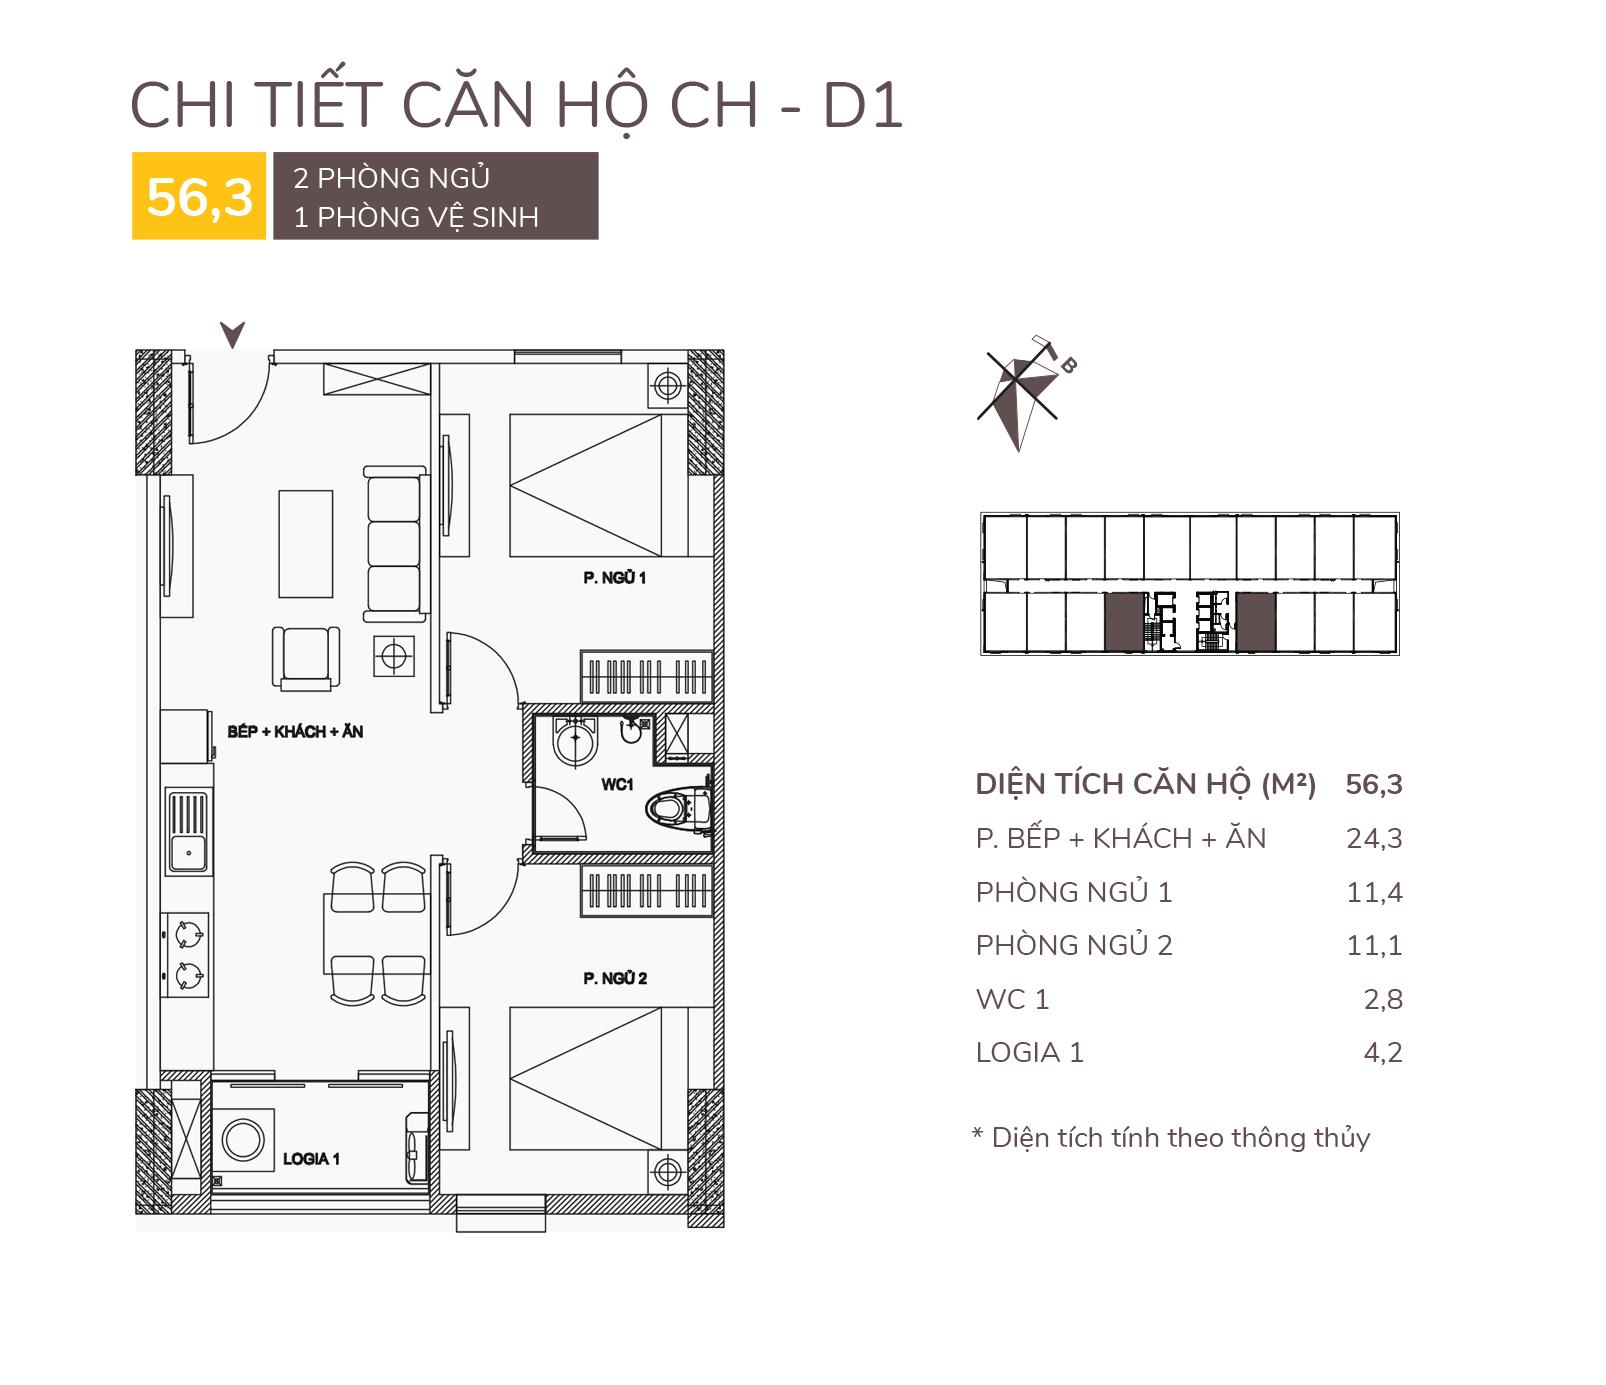 Chi tiết căn hộ CH - D1